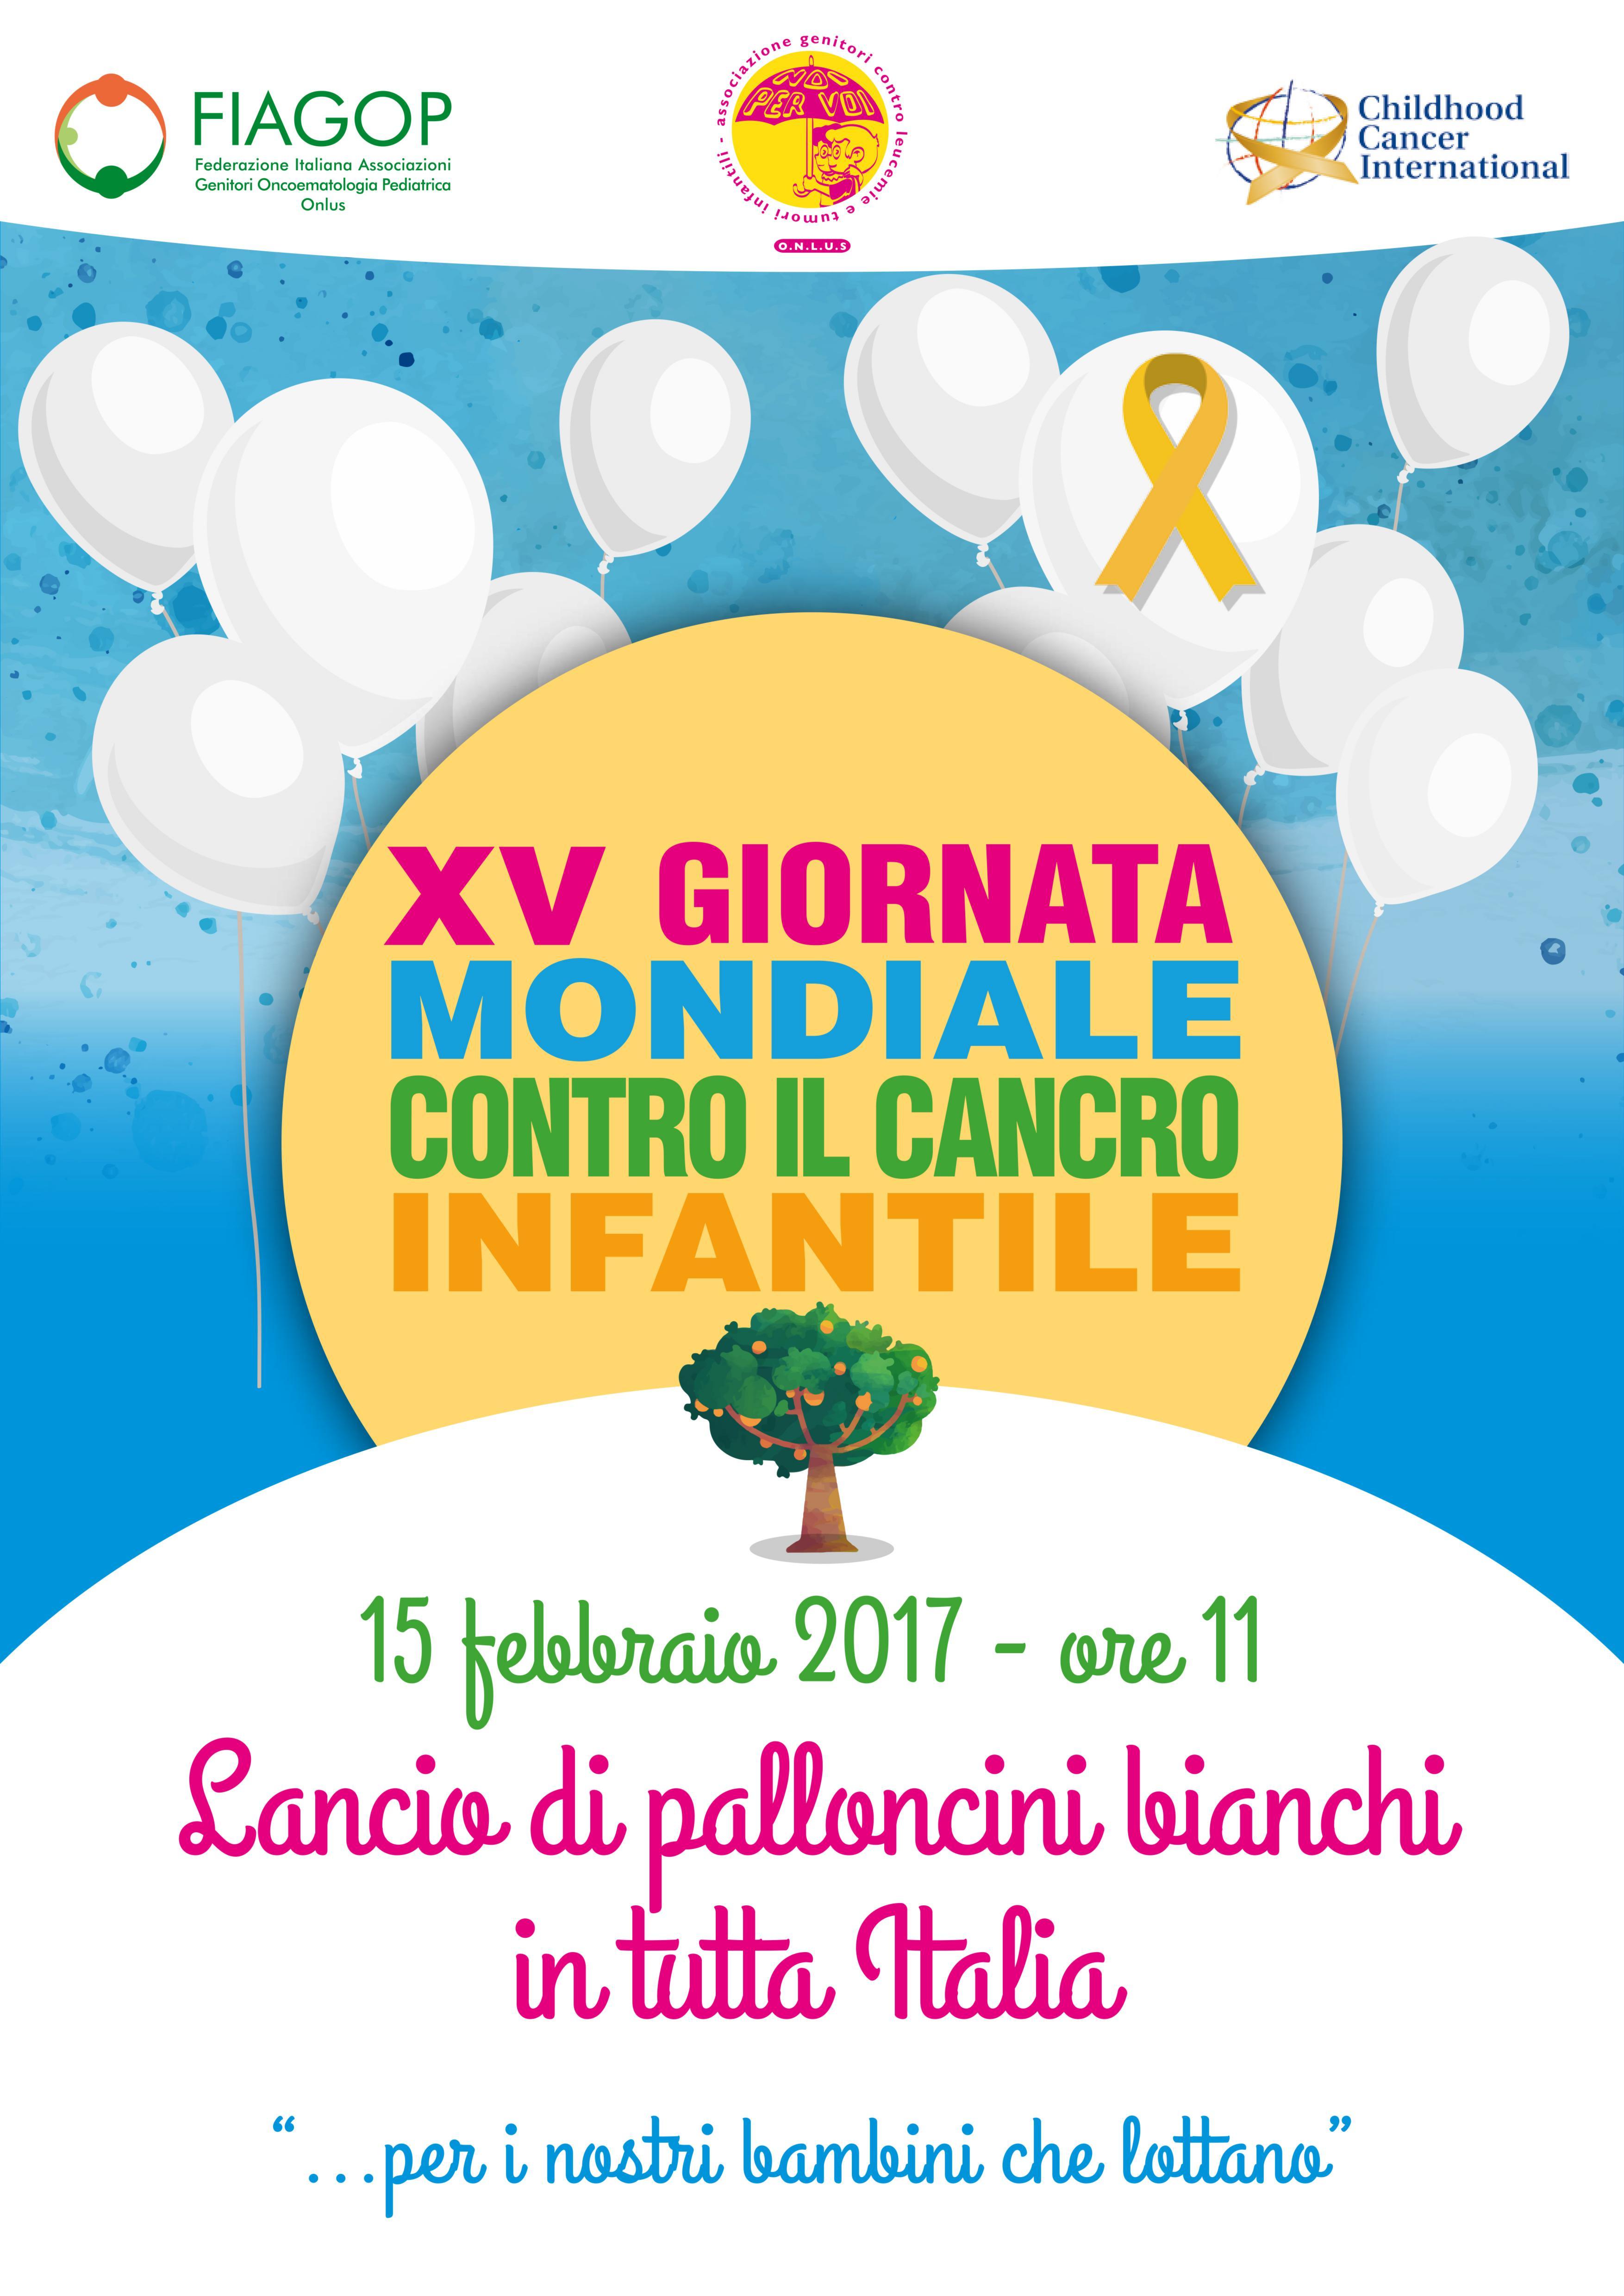 lancio palloncini XV giornata mondiale contro il Cancro Infantile